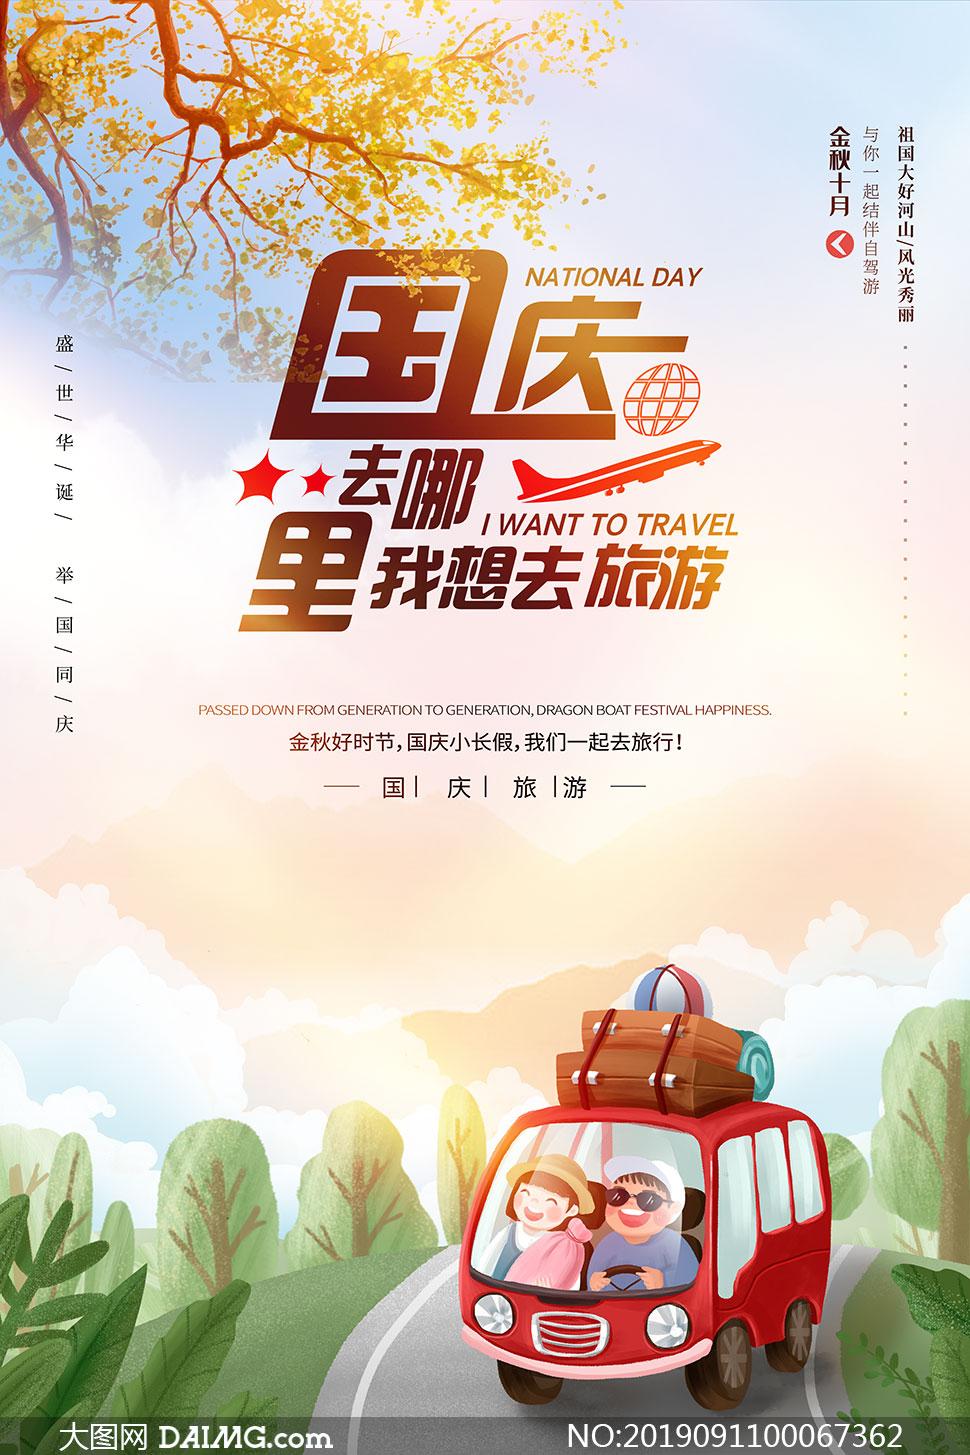 国庆节旅游宣传单设计PSD源文件